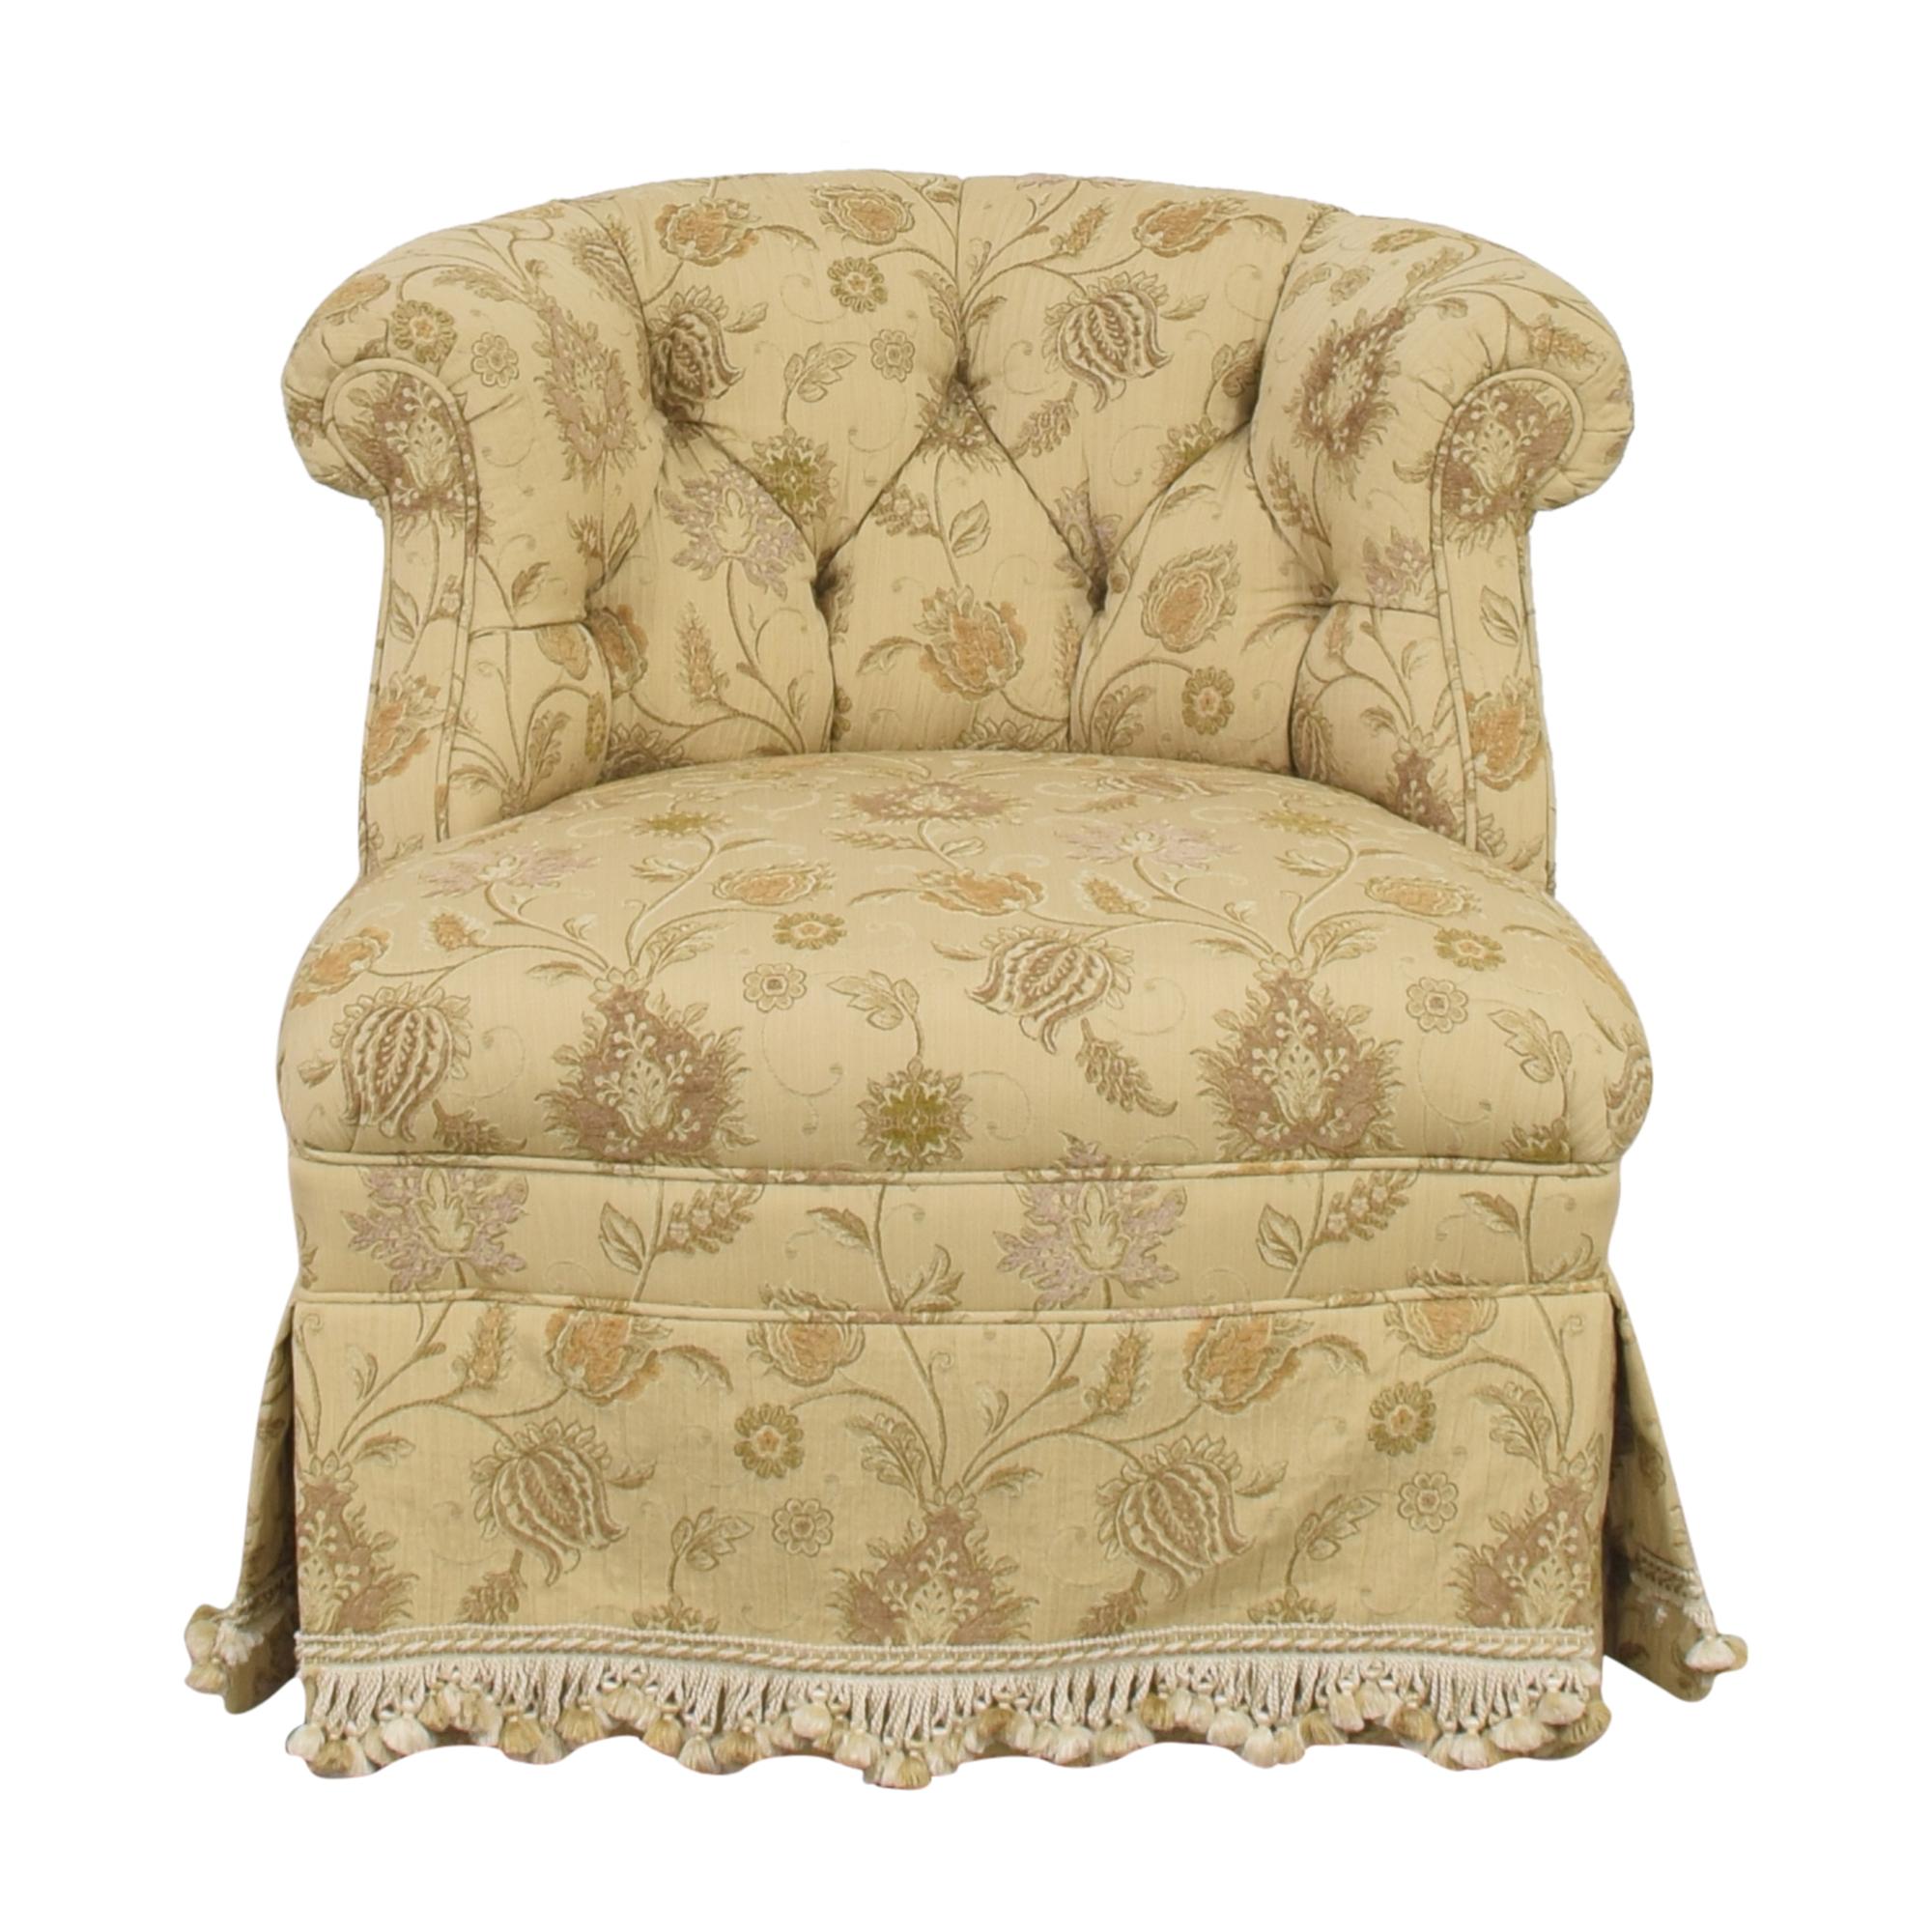 Kravet Kravet Skirted Accent Chair coupon